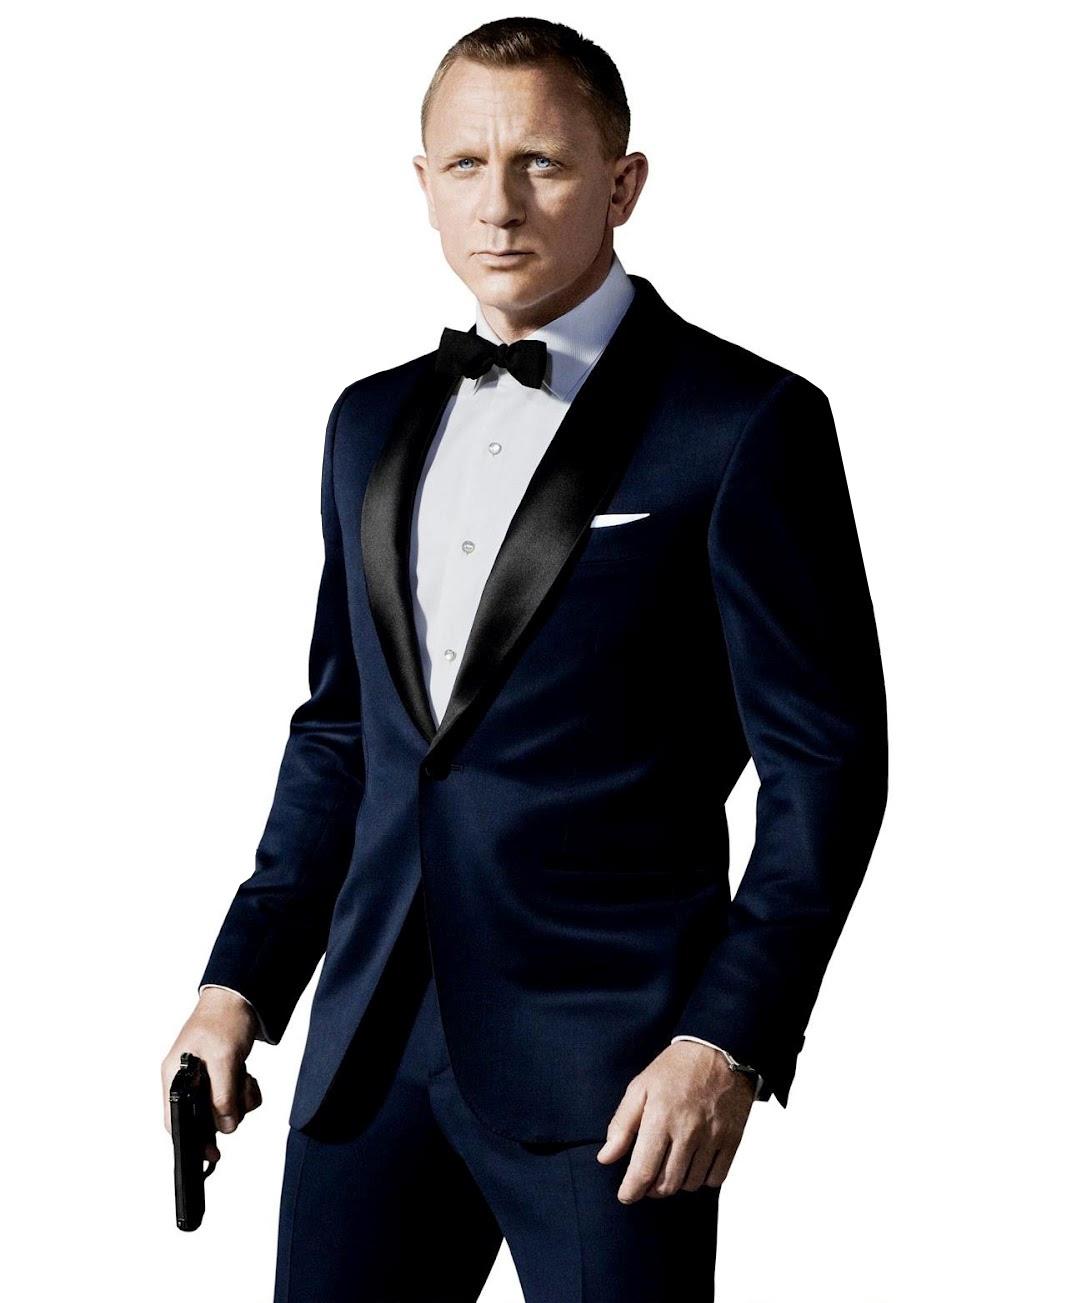 Common Sense Tips for Buying a Tuxedo